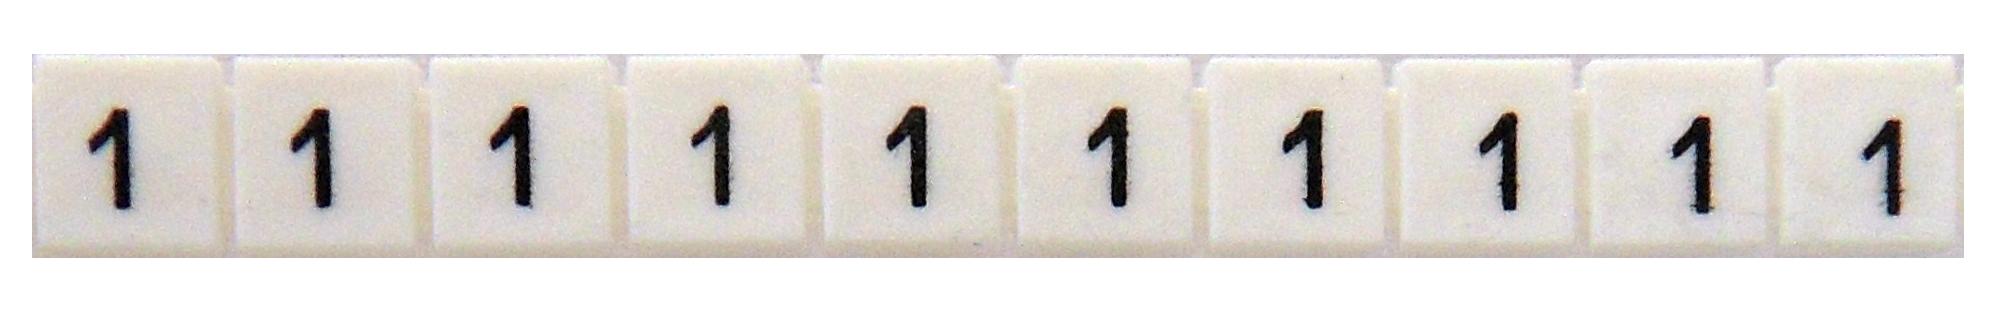 1 Stk Markierungsetikette Dekafix DY5-1 (50 Zeichen) IK697001--